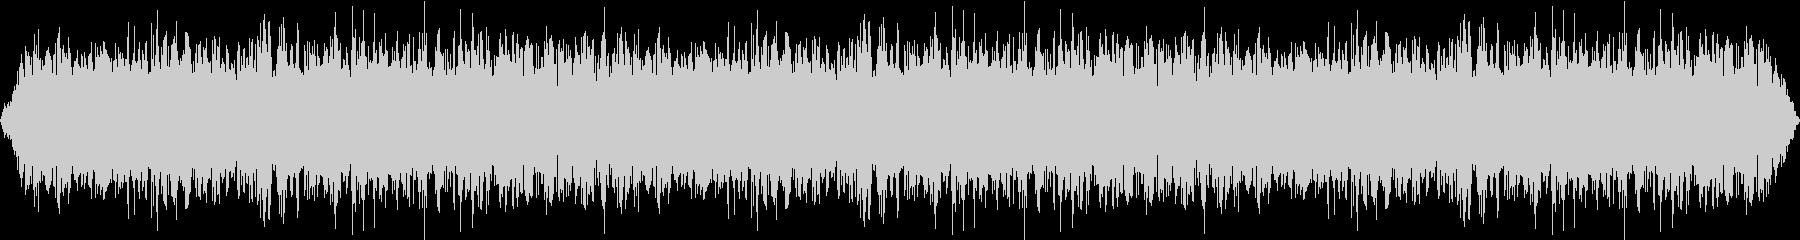 ラジオノイズ・ザー_フェードイン・アウトの未再生の波形